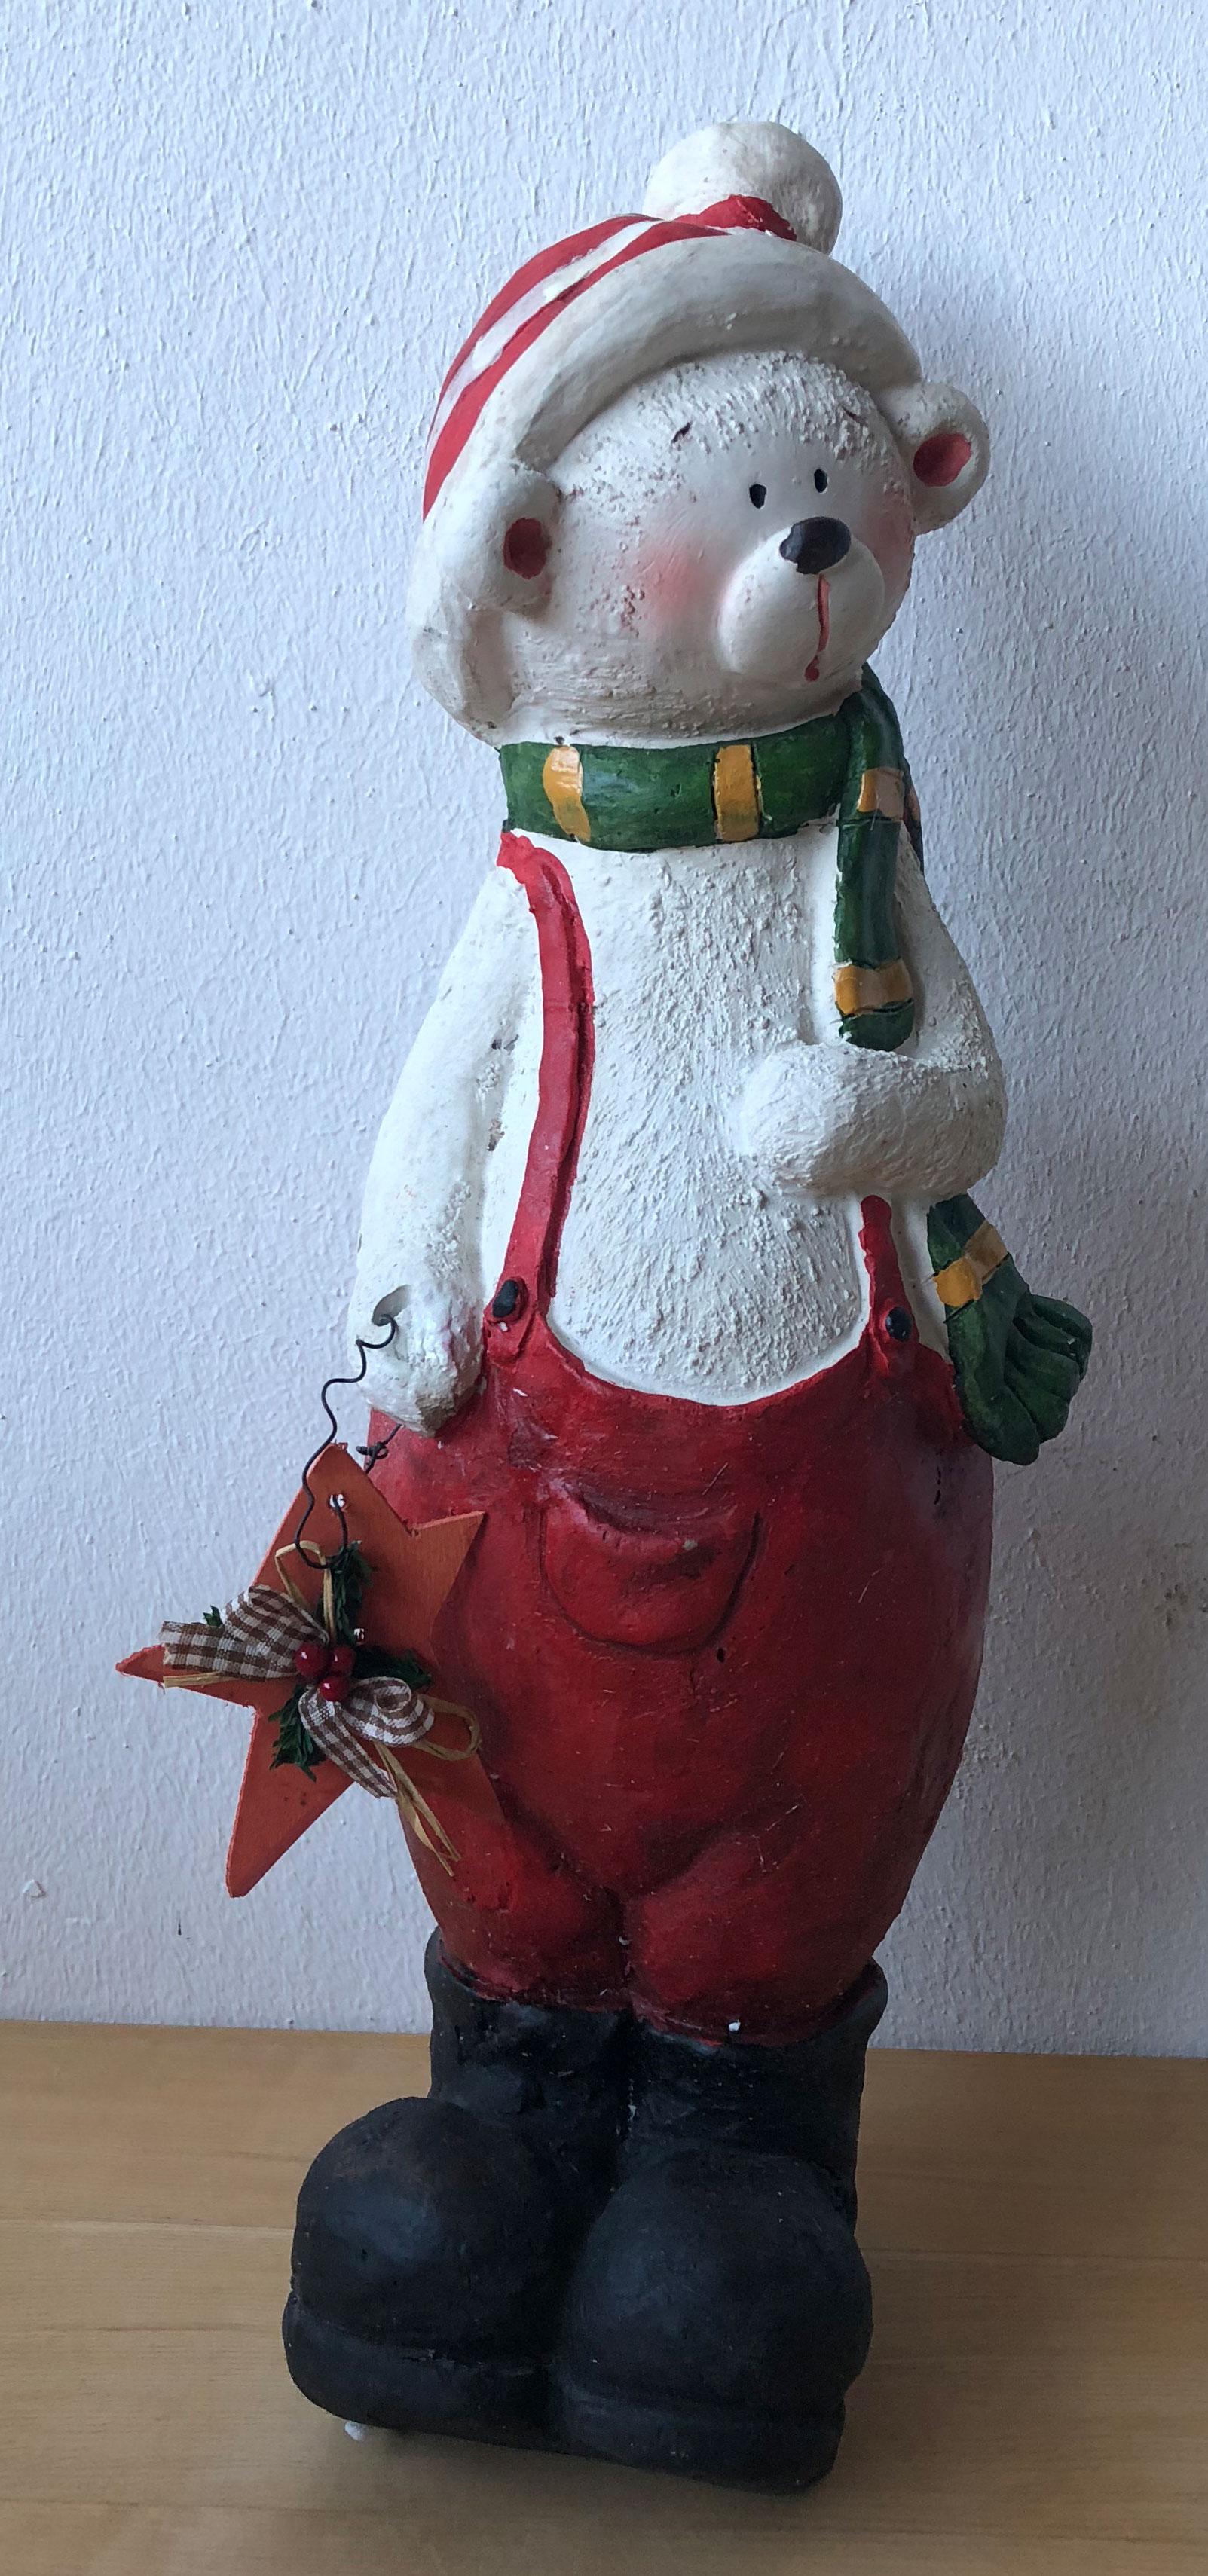 Eisbär Weihnachten Bär Weihnachtsmann Dekoration Weihnachtsdeko NEU & OVP 110378